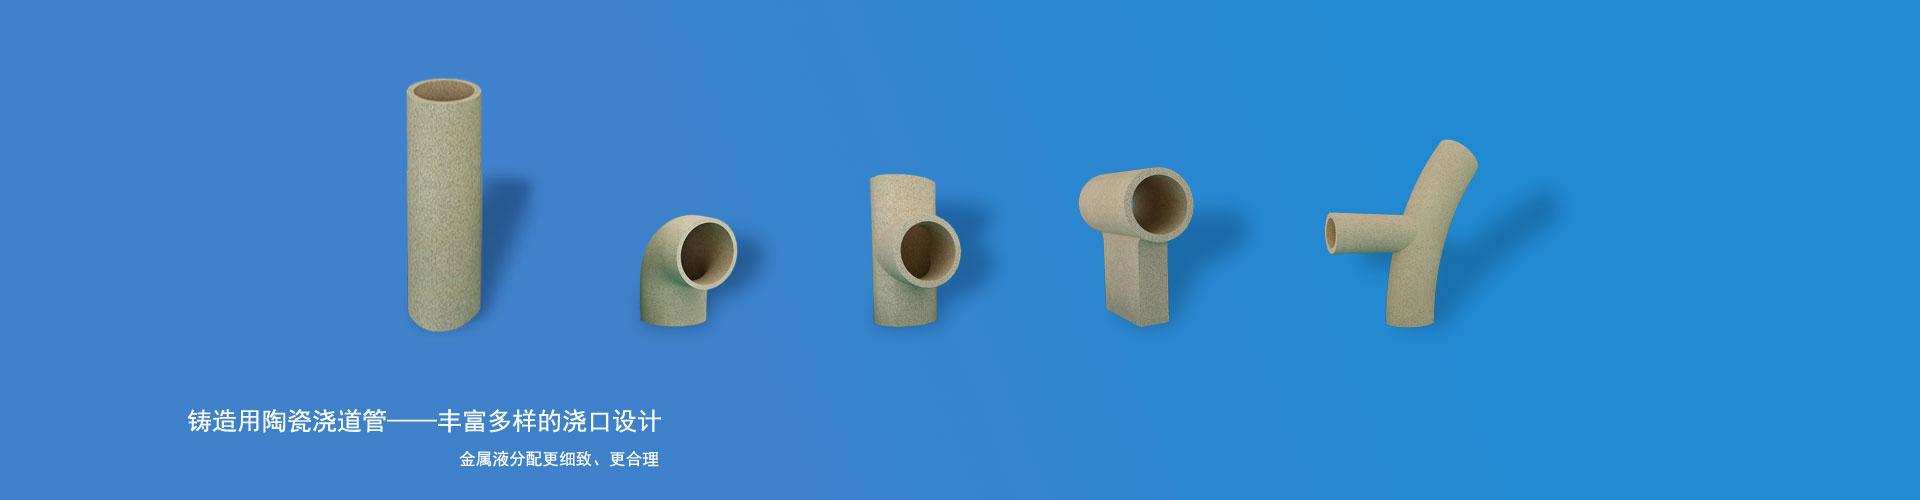 陶瓷浇道管